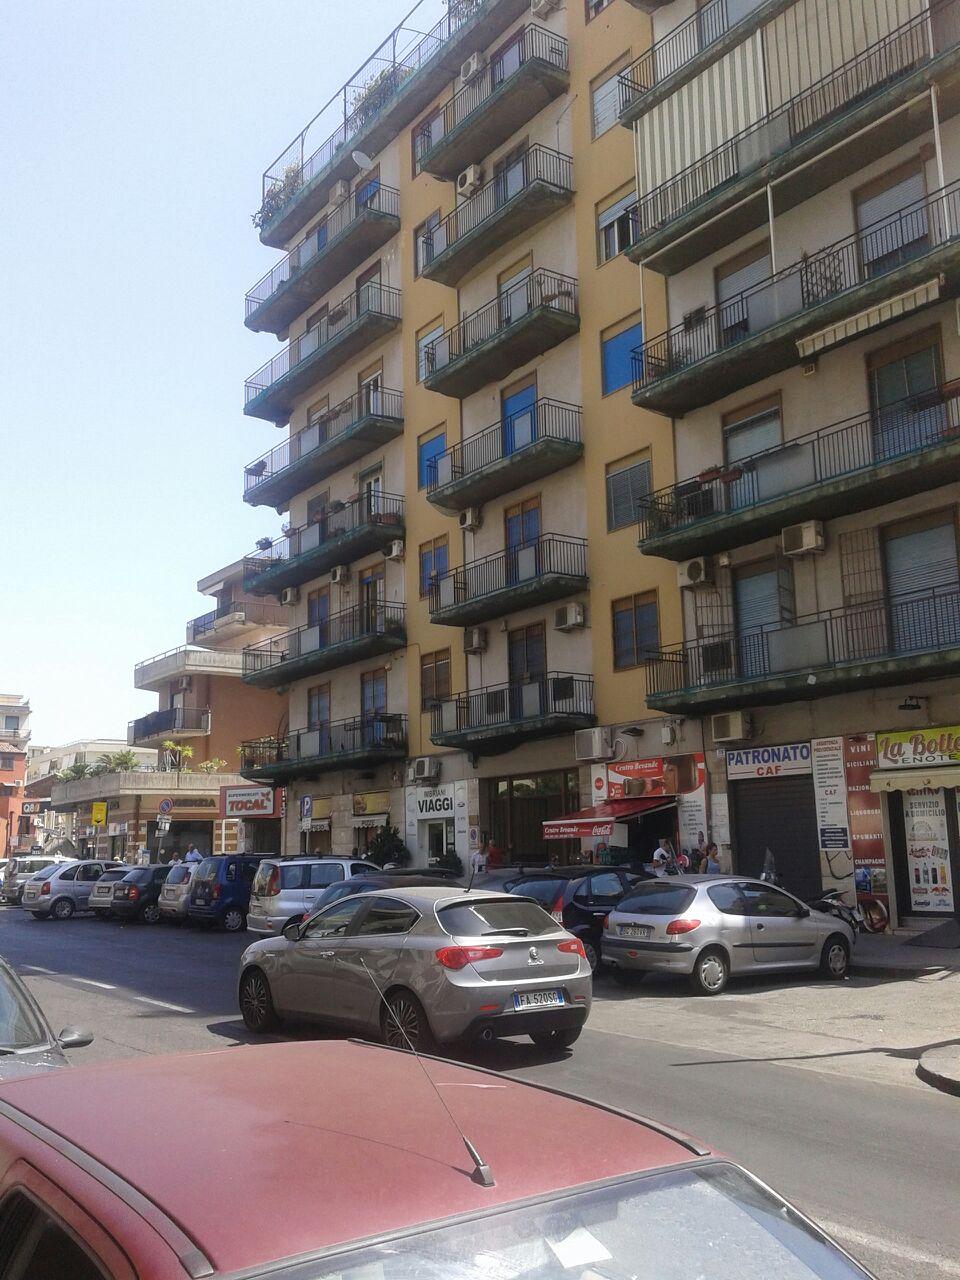 Negozio / Locale in vendita a Catania, 9999 locali, zona Località: Zonacentro, prezzo € 62.000 | Cambio Casa.it